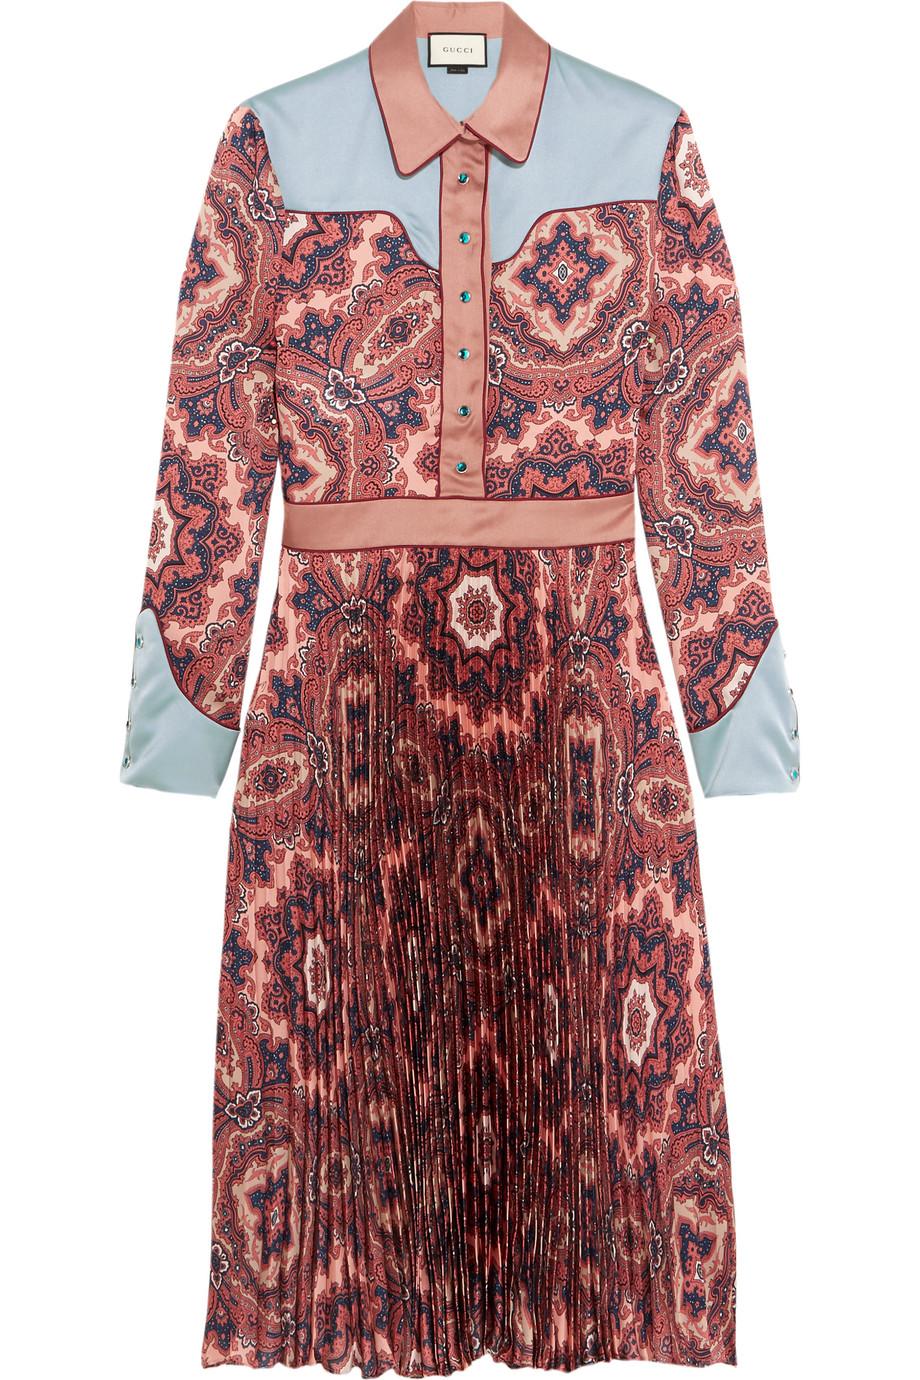 Gucci Paisley-Print Plissé Silk-Satin Dress, Pink, Women's, Size: 42